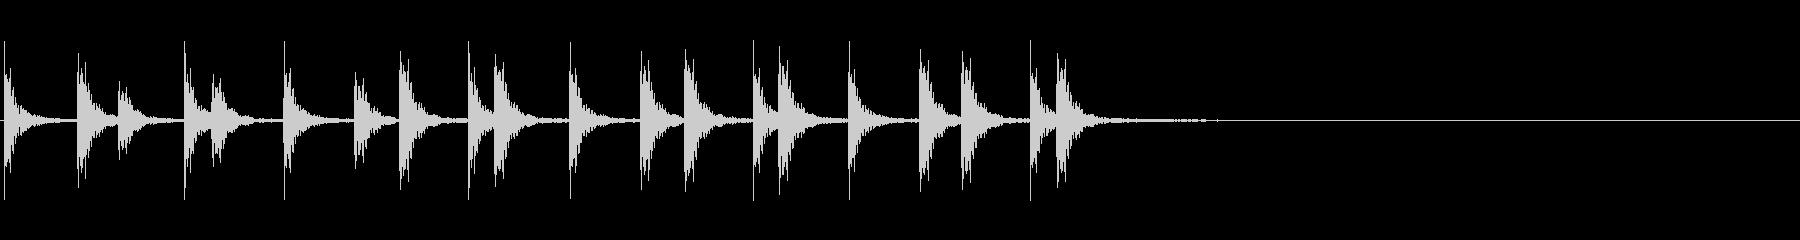 相撲などの触れ太鼓「大拍子」フレーズ音2の未再生の波形